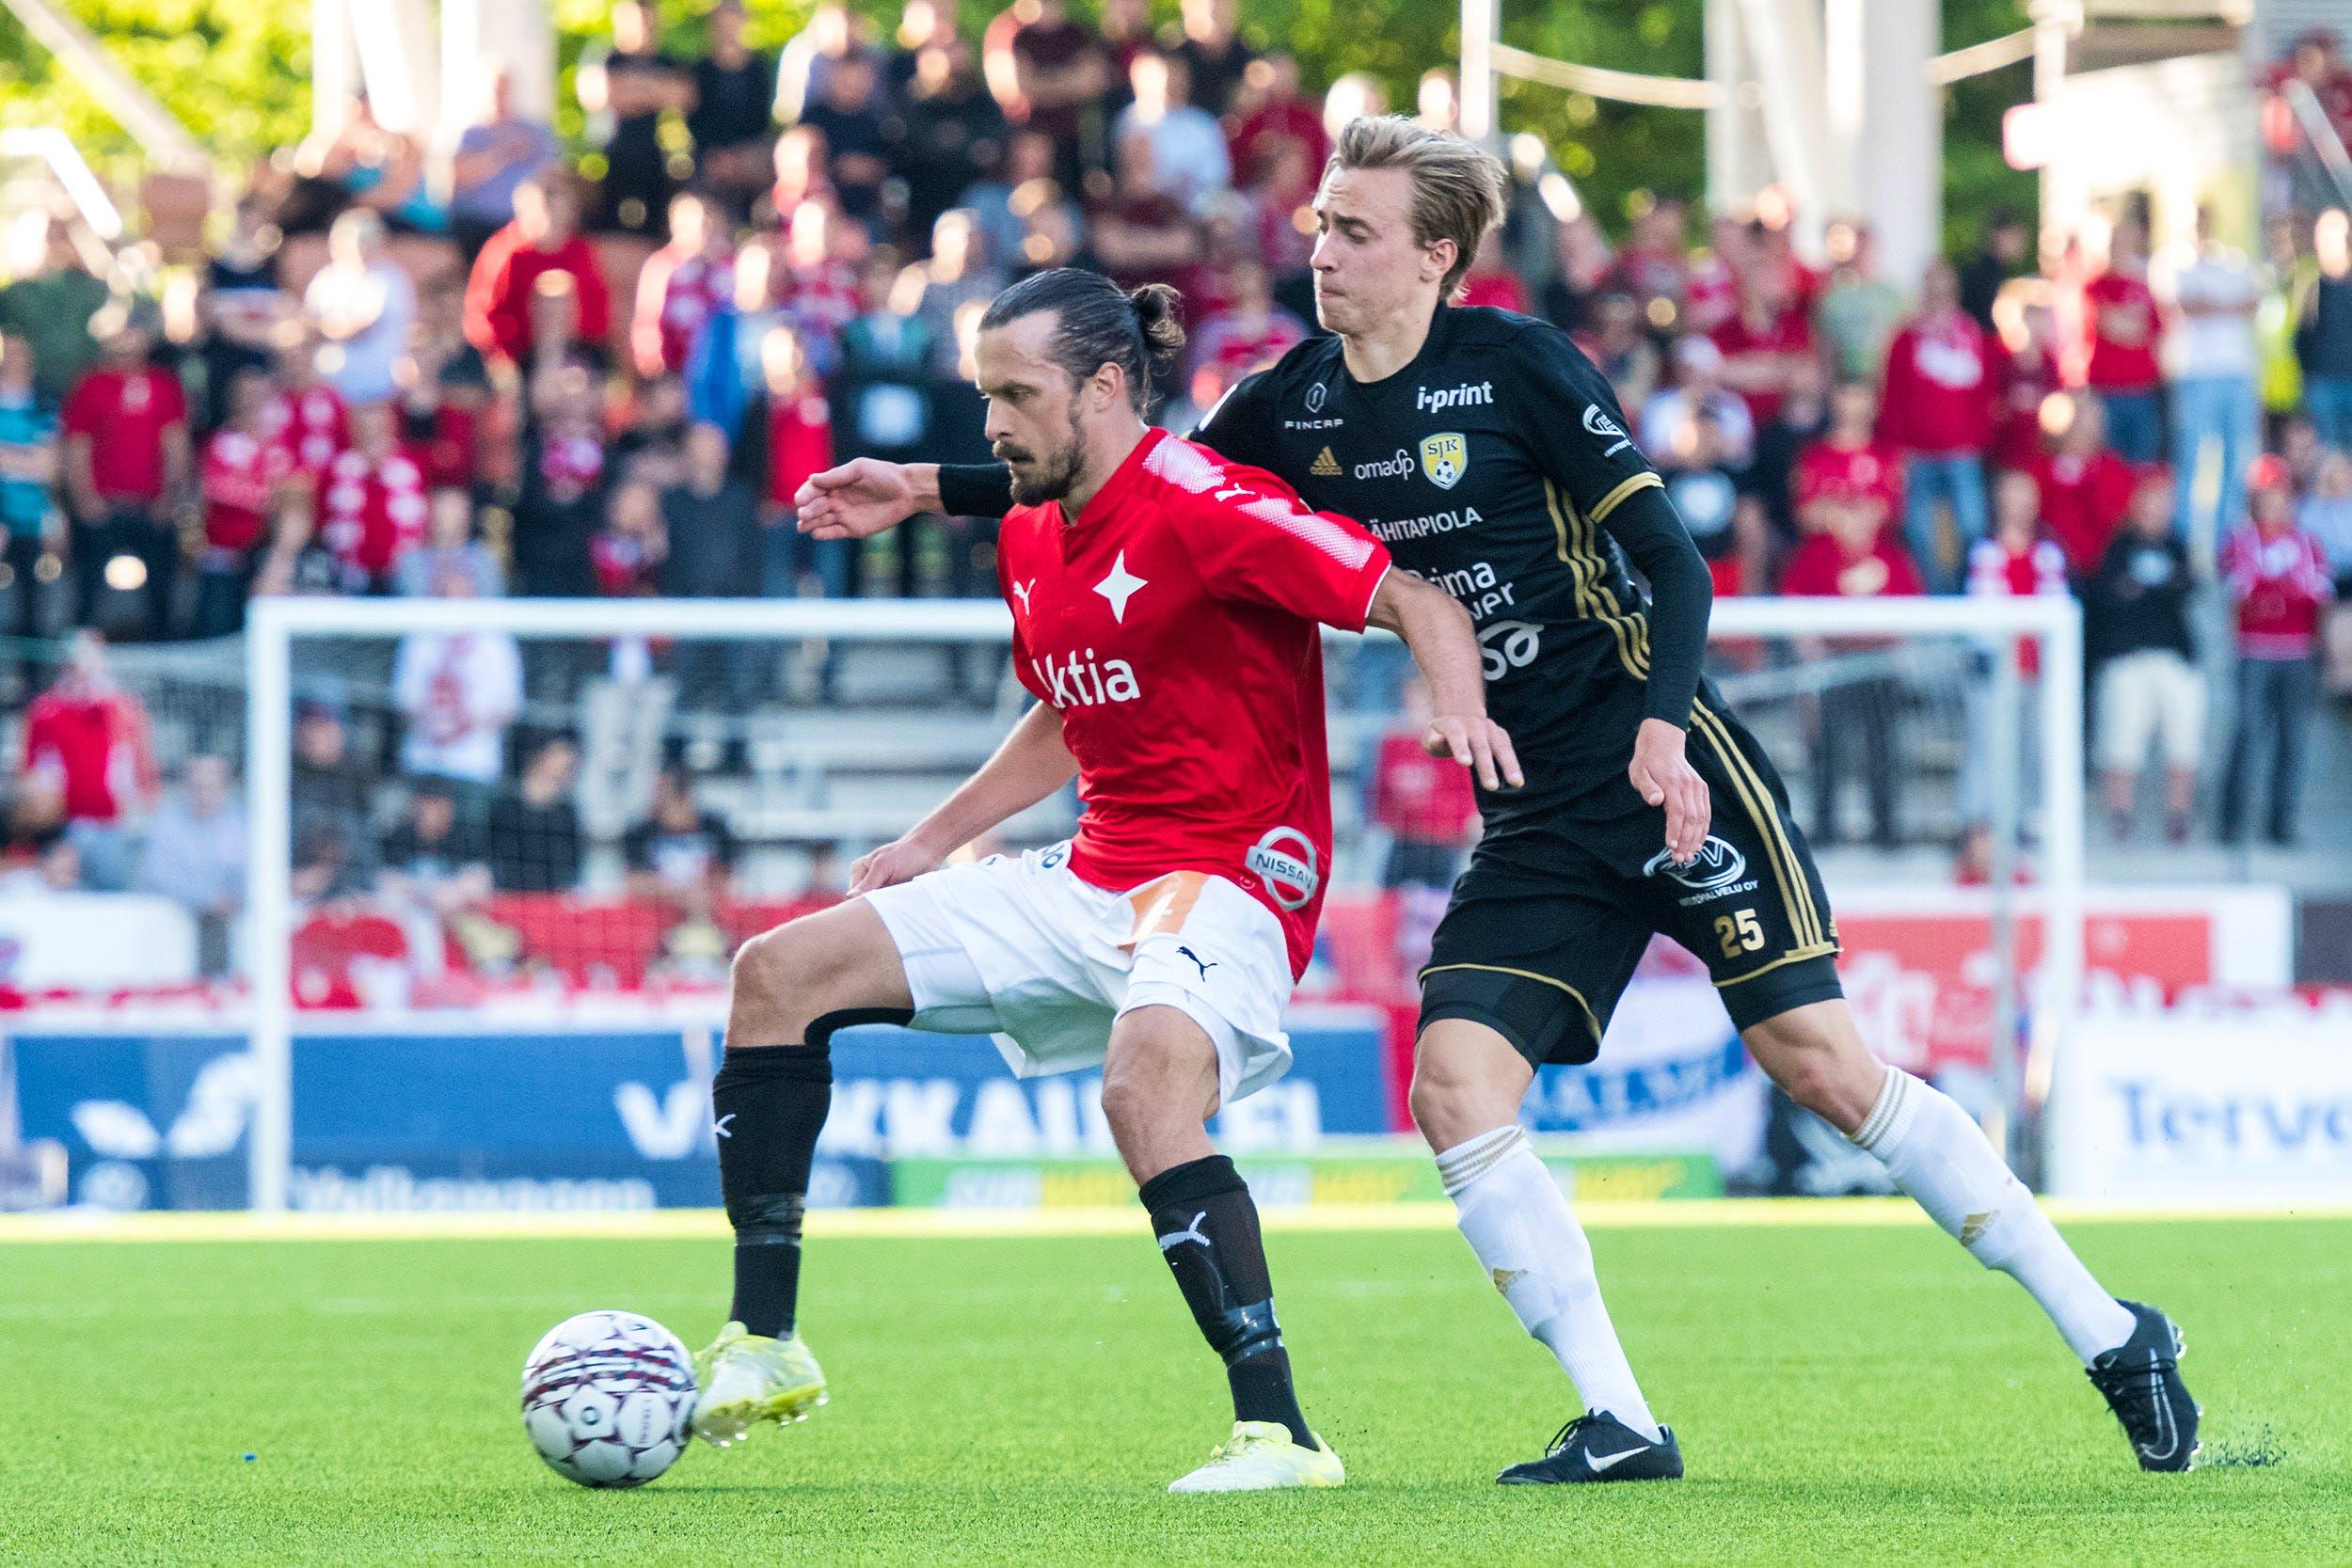 Inför matchen: SJK-HIFK lö 6.4.2019 kl. 15.00